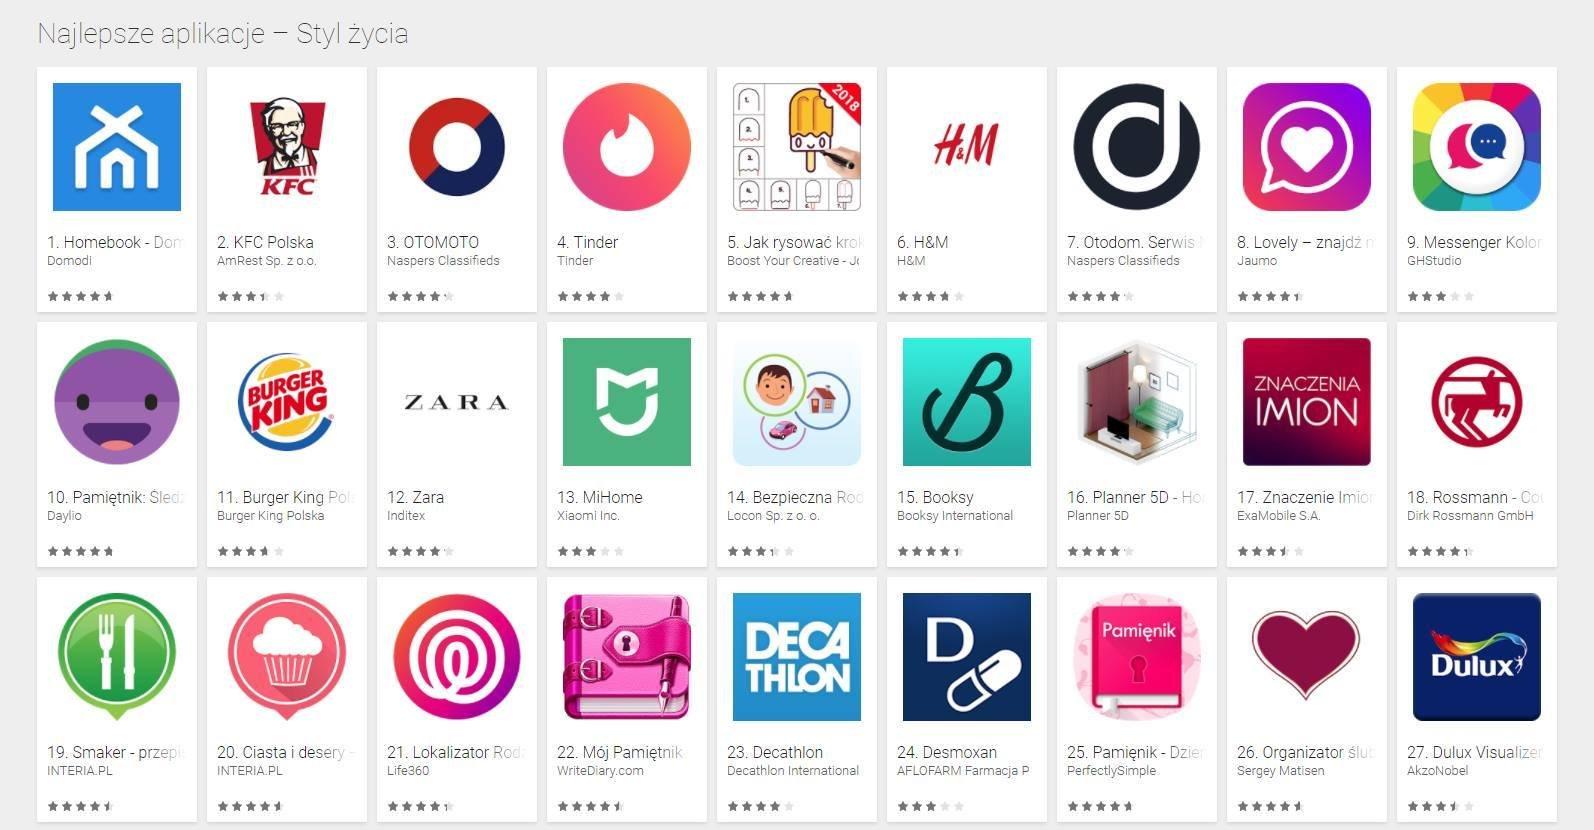 Homebook - najlepsza aplikacja w kategorii Styl Życia na polskim Google Play